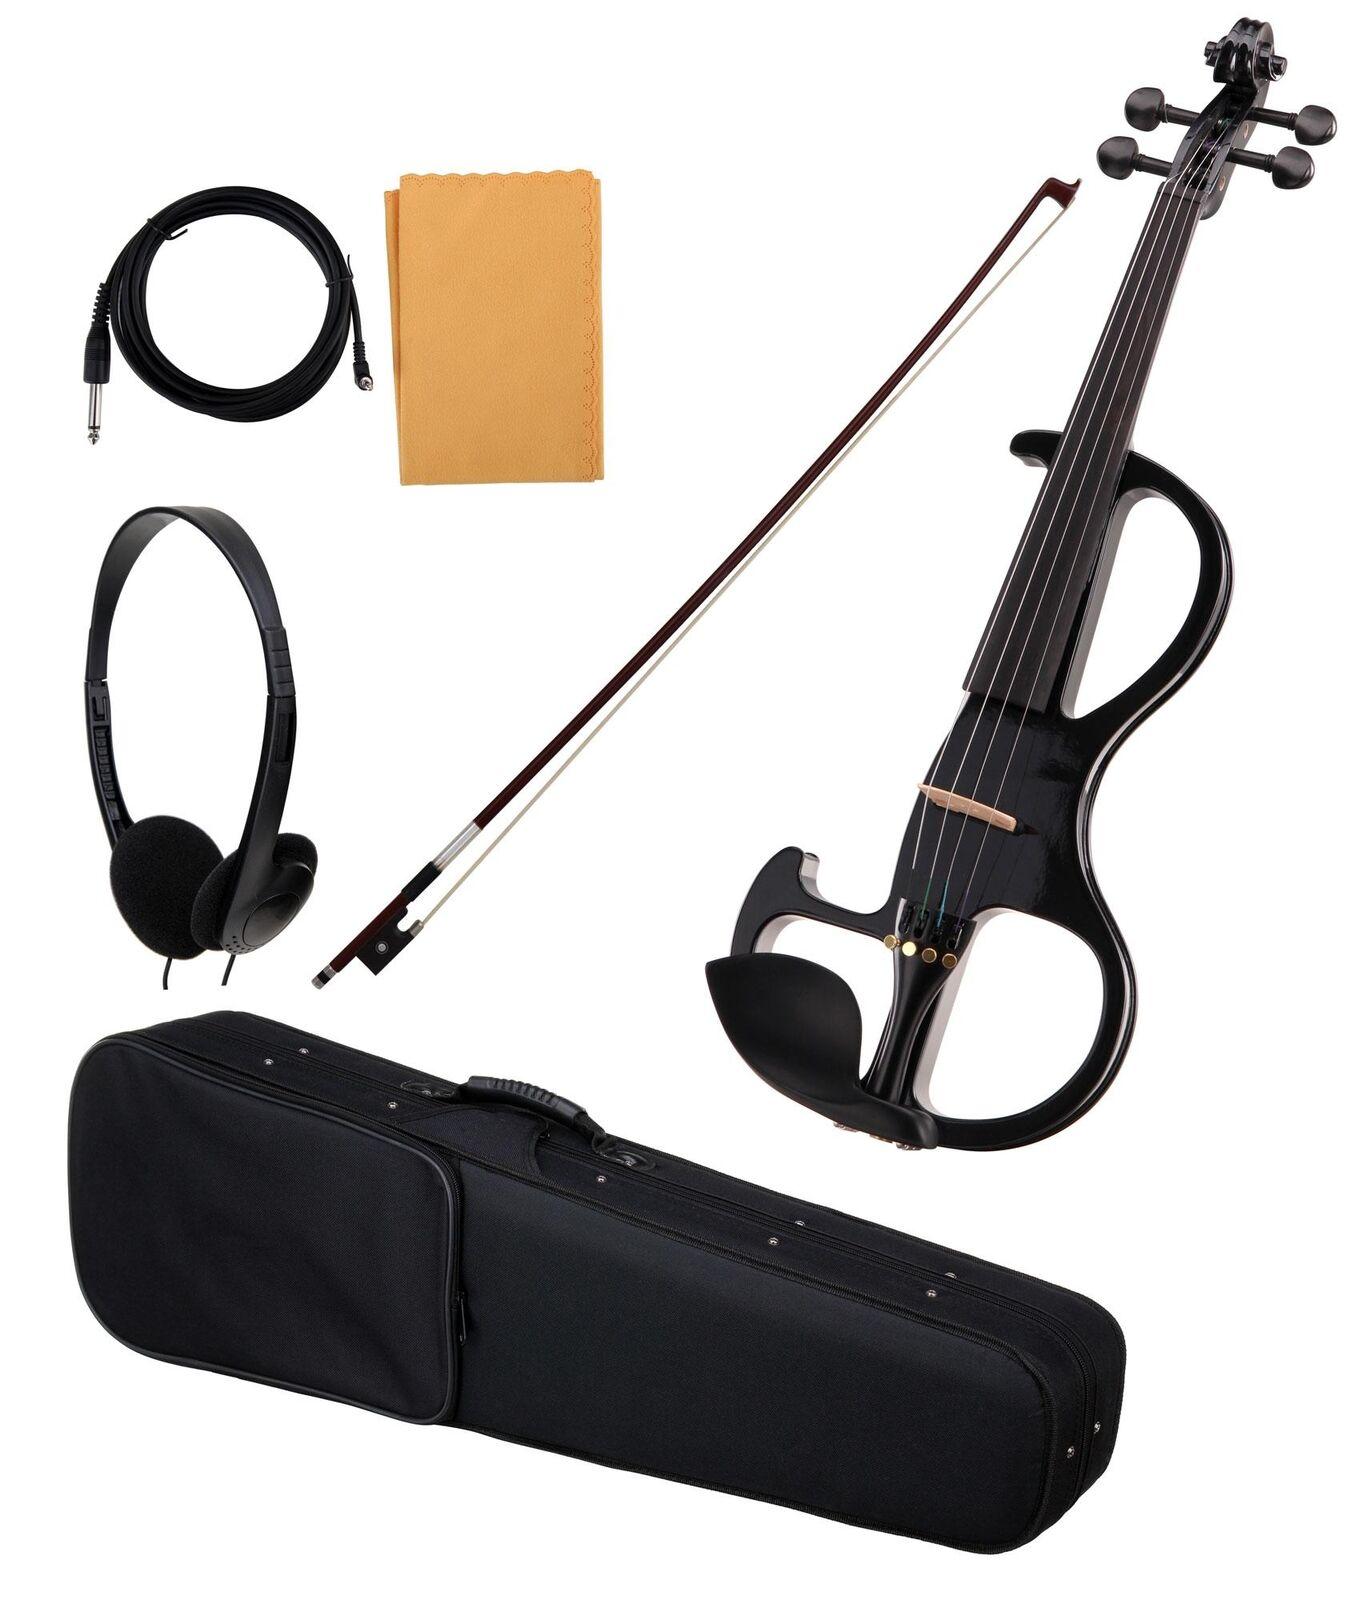 bellissima 4 4 E-Violino E-Violino TESTINA Cavo VALIGIA BORSA Arco Arco Arco Cuffie Nero  negozi al dettaglio